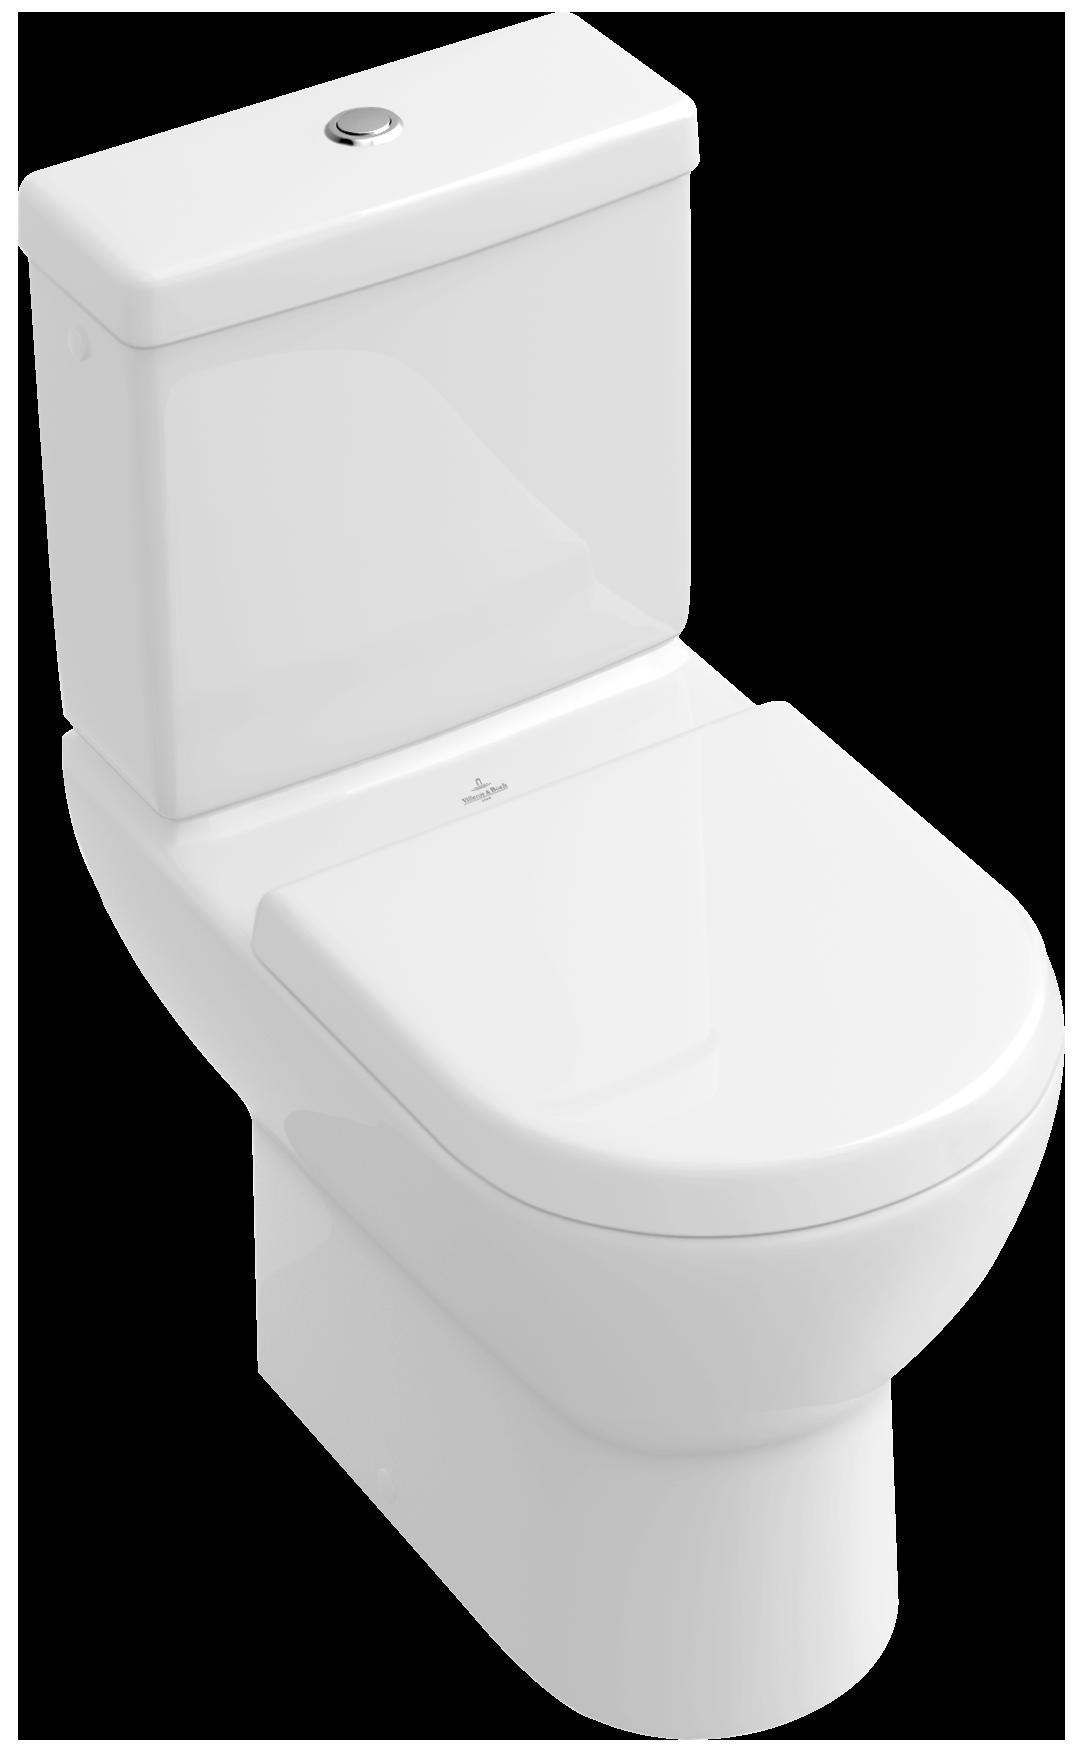 Badewanne Dusche Kombination Villeroy : Subway Tiefsp?lklosett f?r Kombination 660910 – Villeroy & Boch